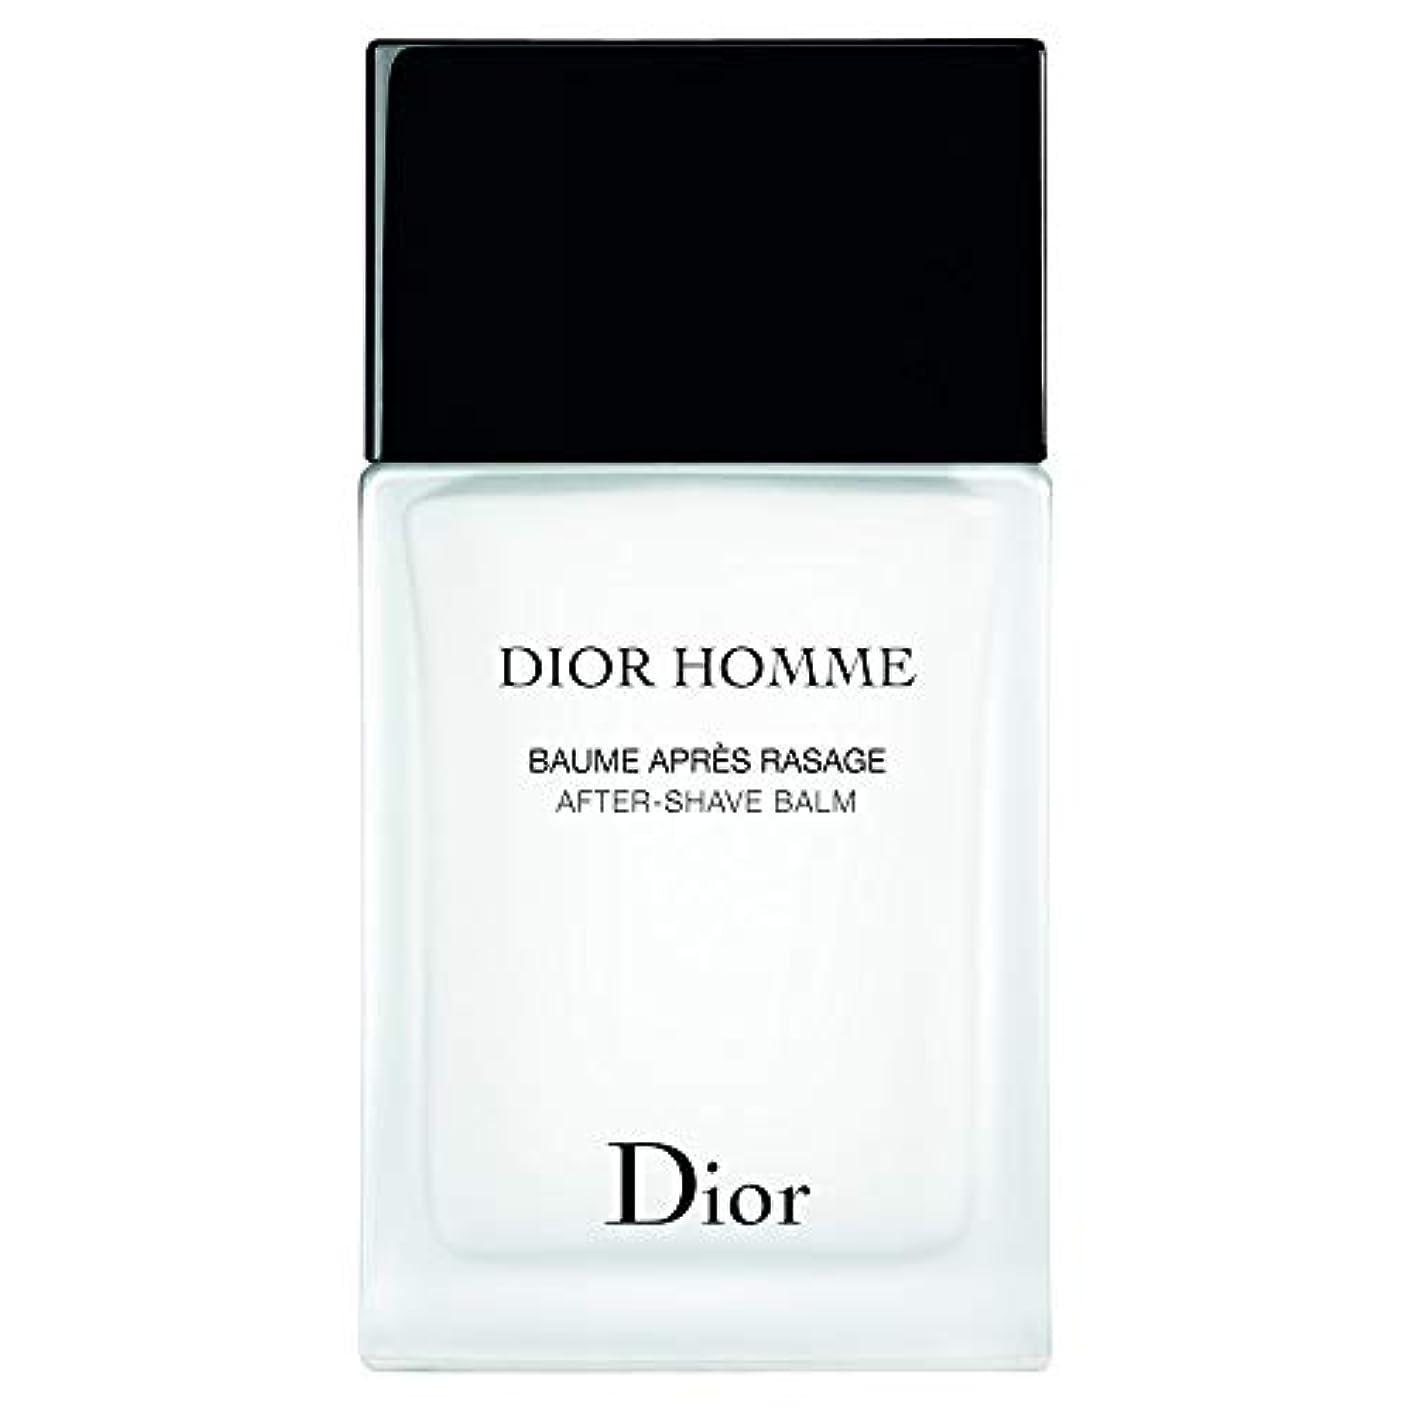 ドレイン空中すばらしいです[Dior] ディオールオムアフターシェーブバーム100ミリリットル - Dior Homme After-Shave Balm 100ml [並行輸入品]